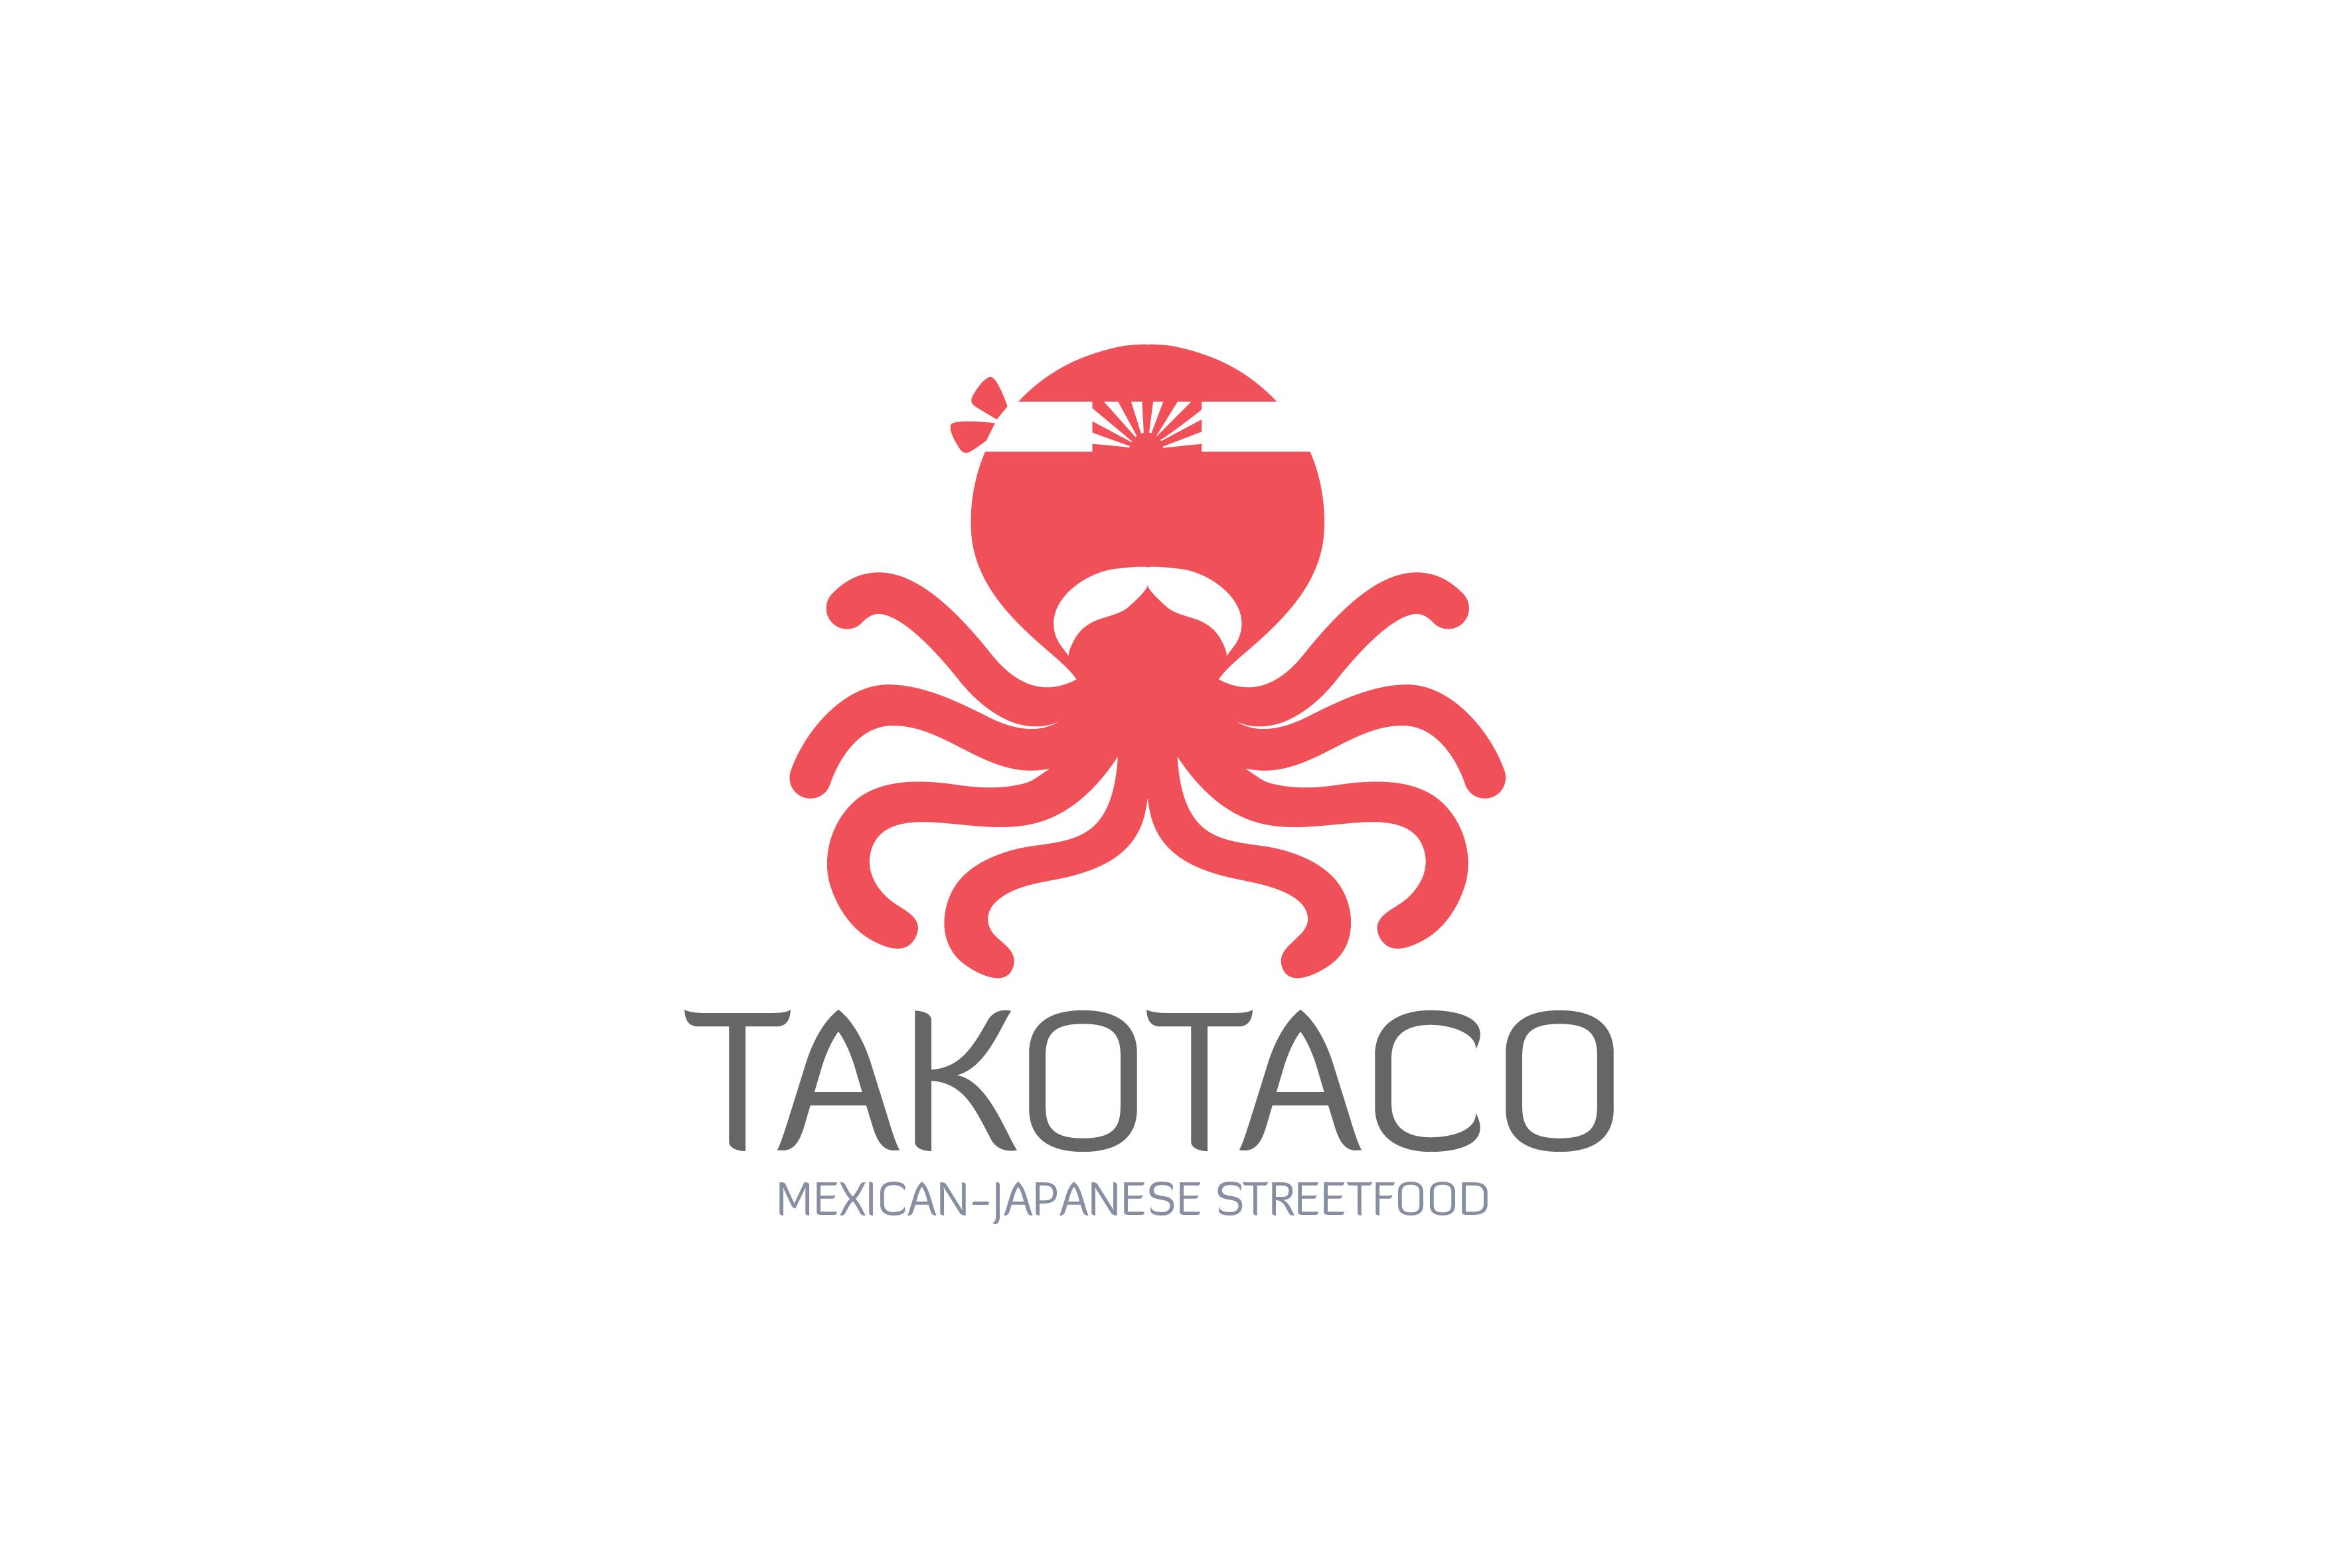 TAKOTACO - image 8 - student project